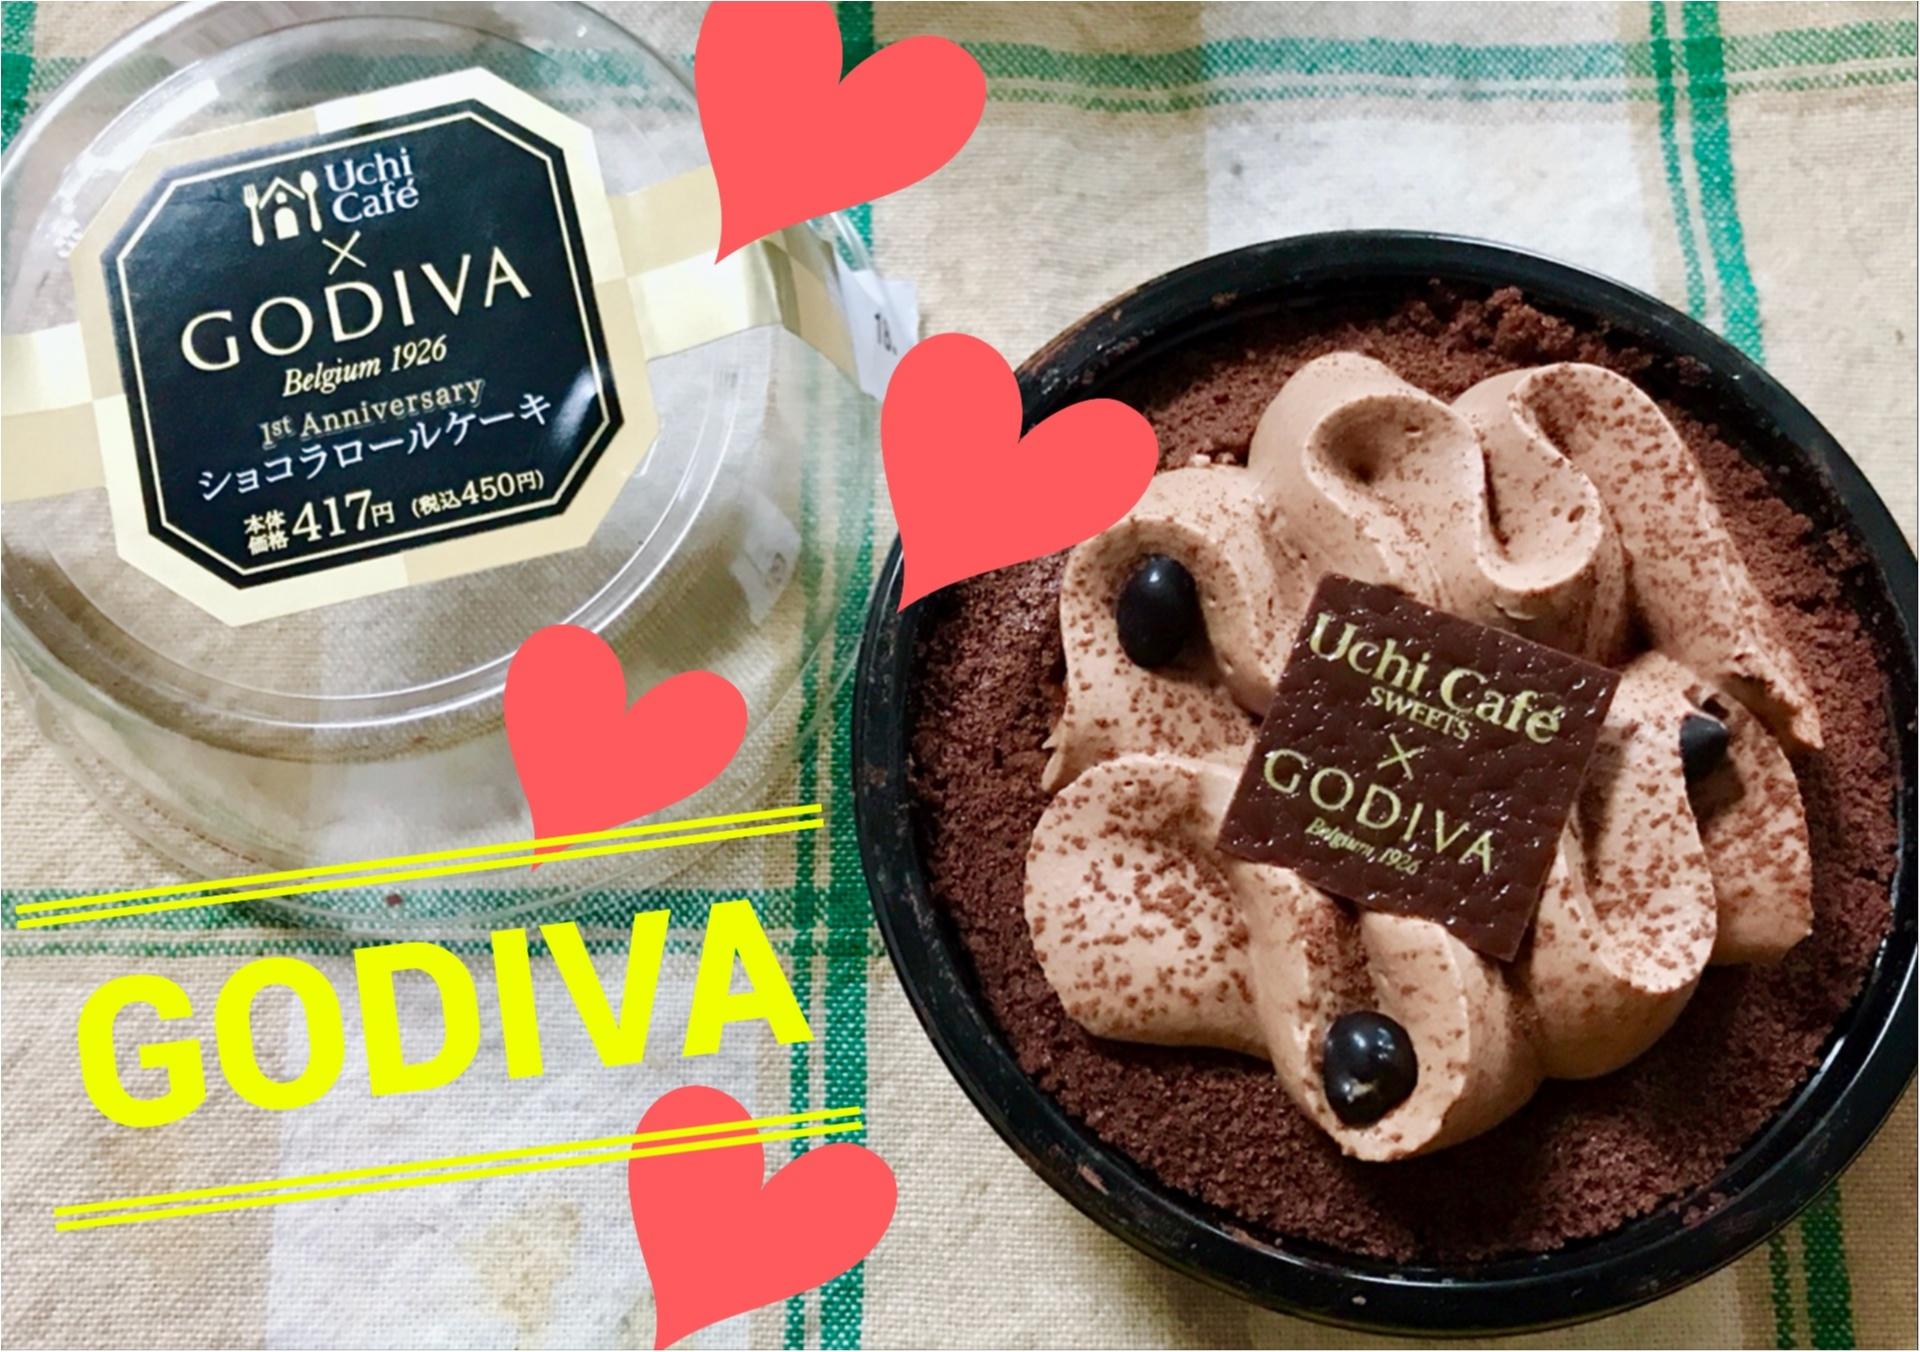 数量限定♥️Uchi Café x GODIVA1周年記念ショコラロールケーキ_1